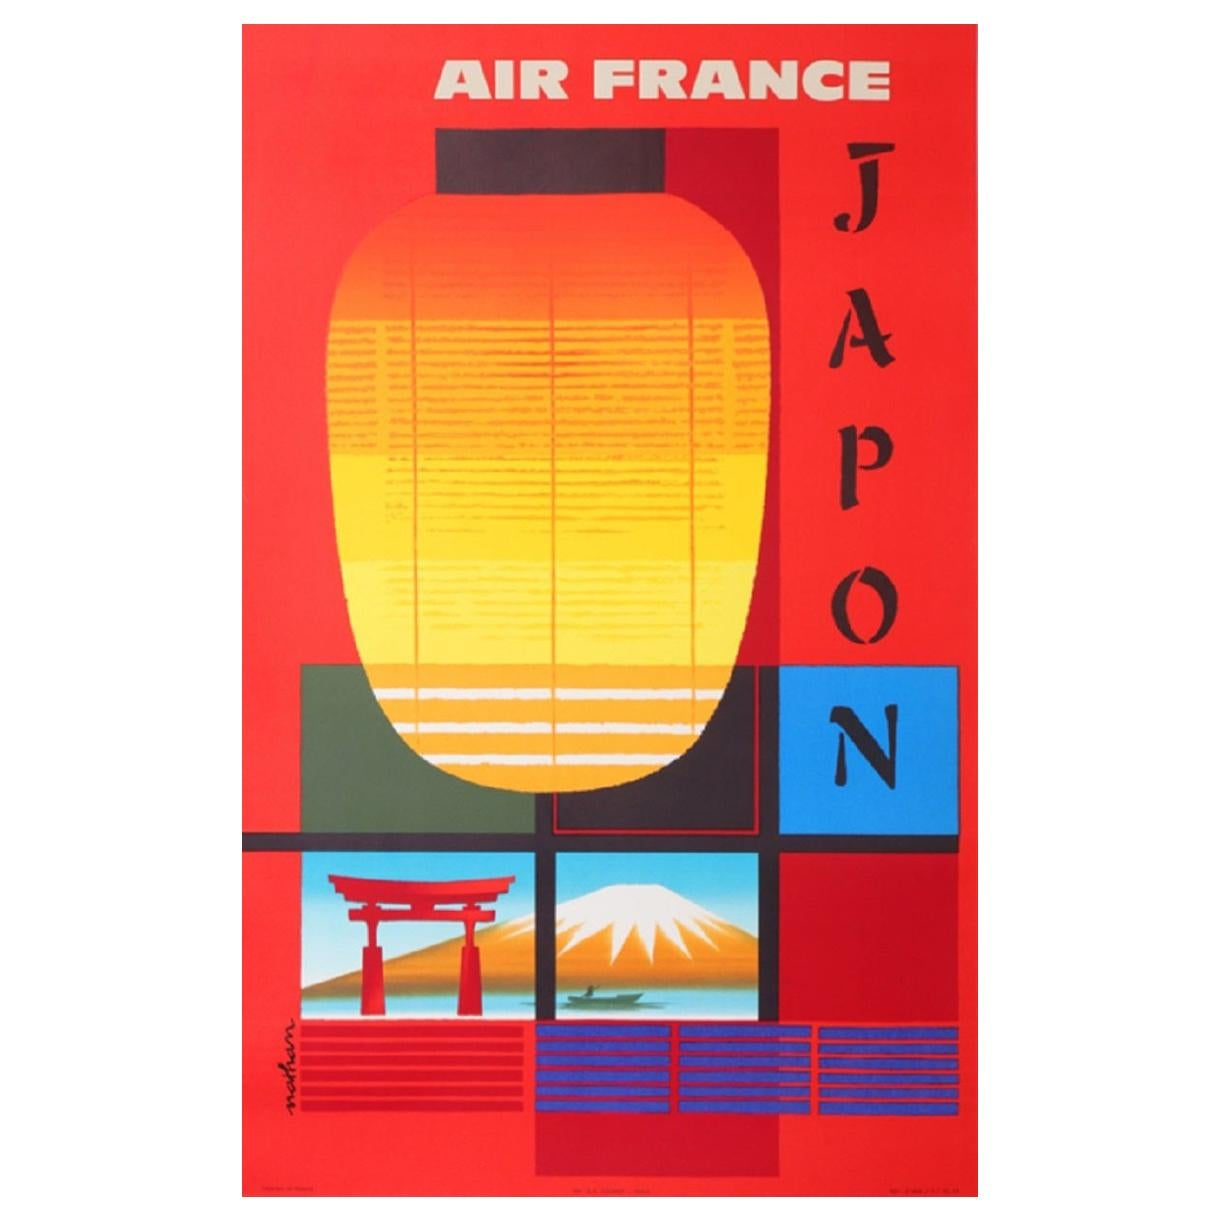 Air France Japan Original Vintage Poster